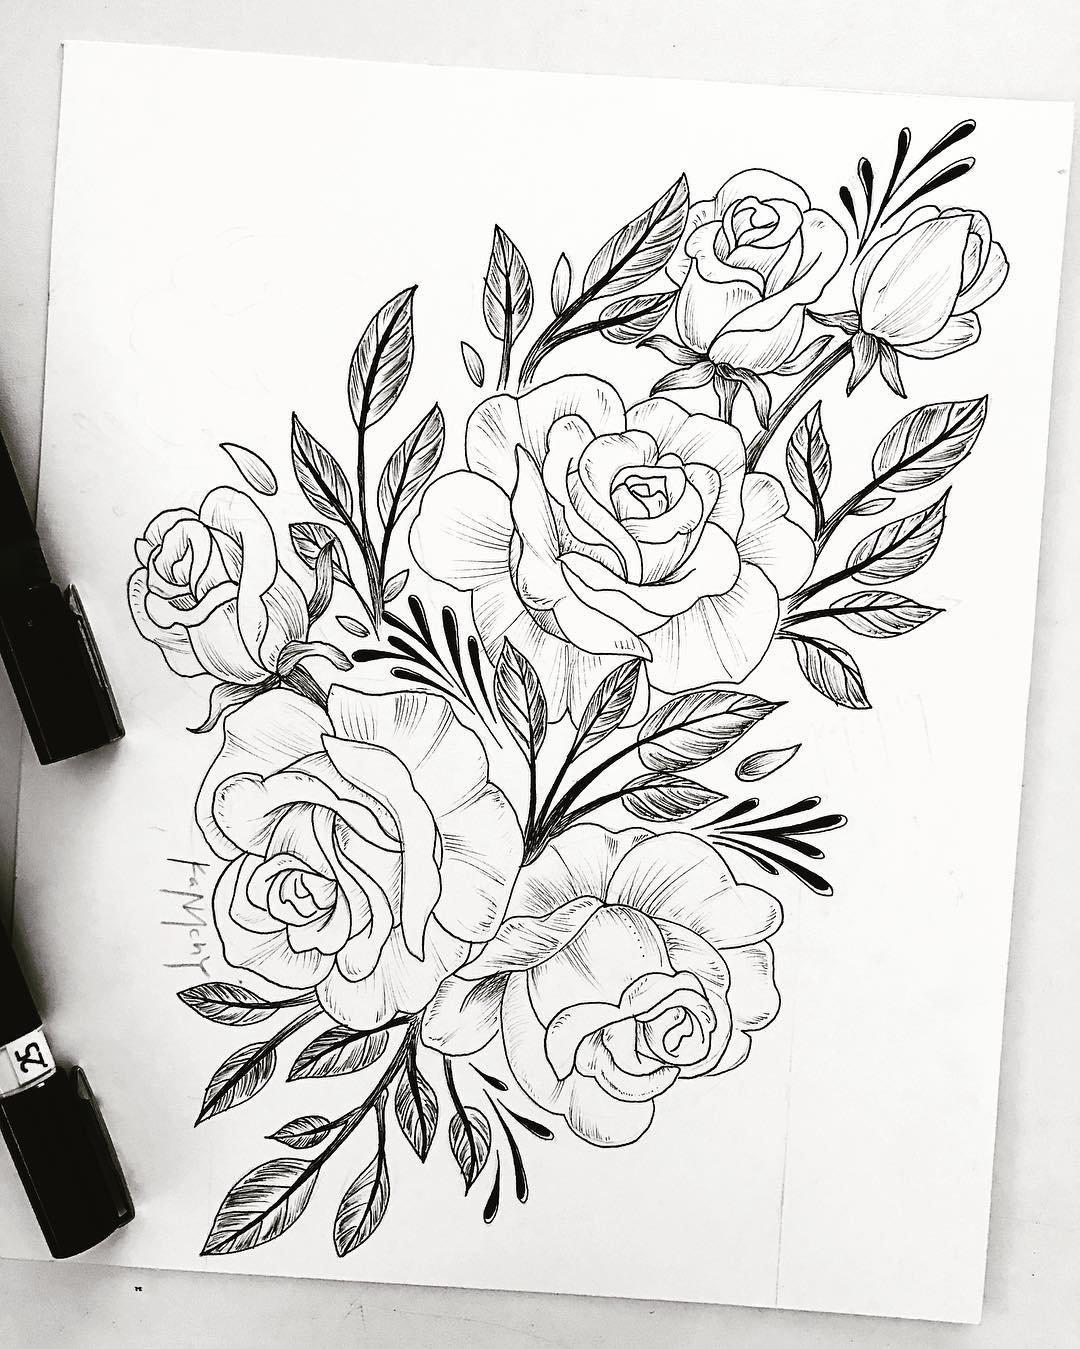 Картинки в черно белом цвете для срисовки, открытки